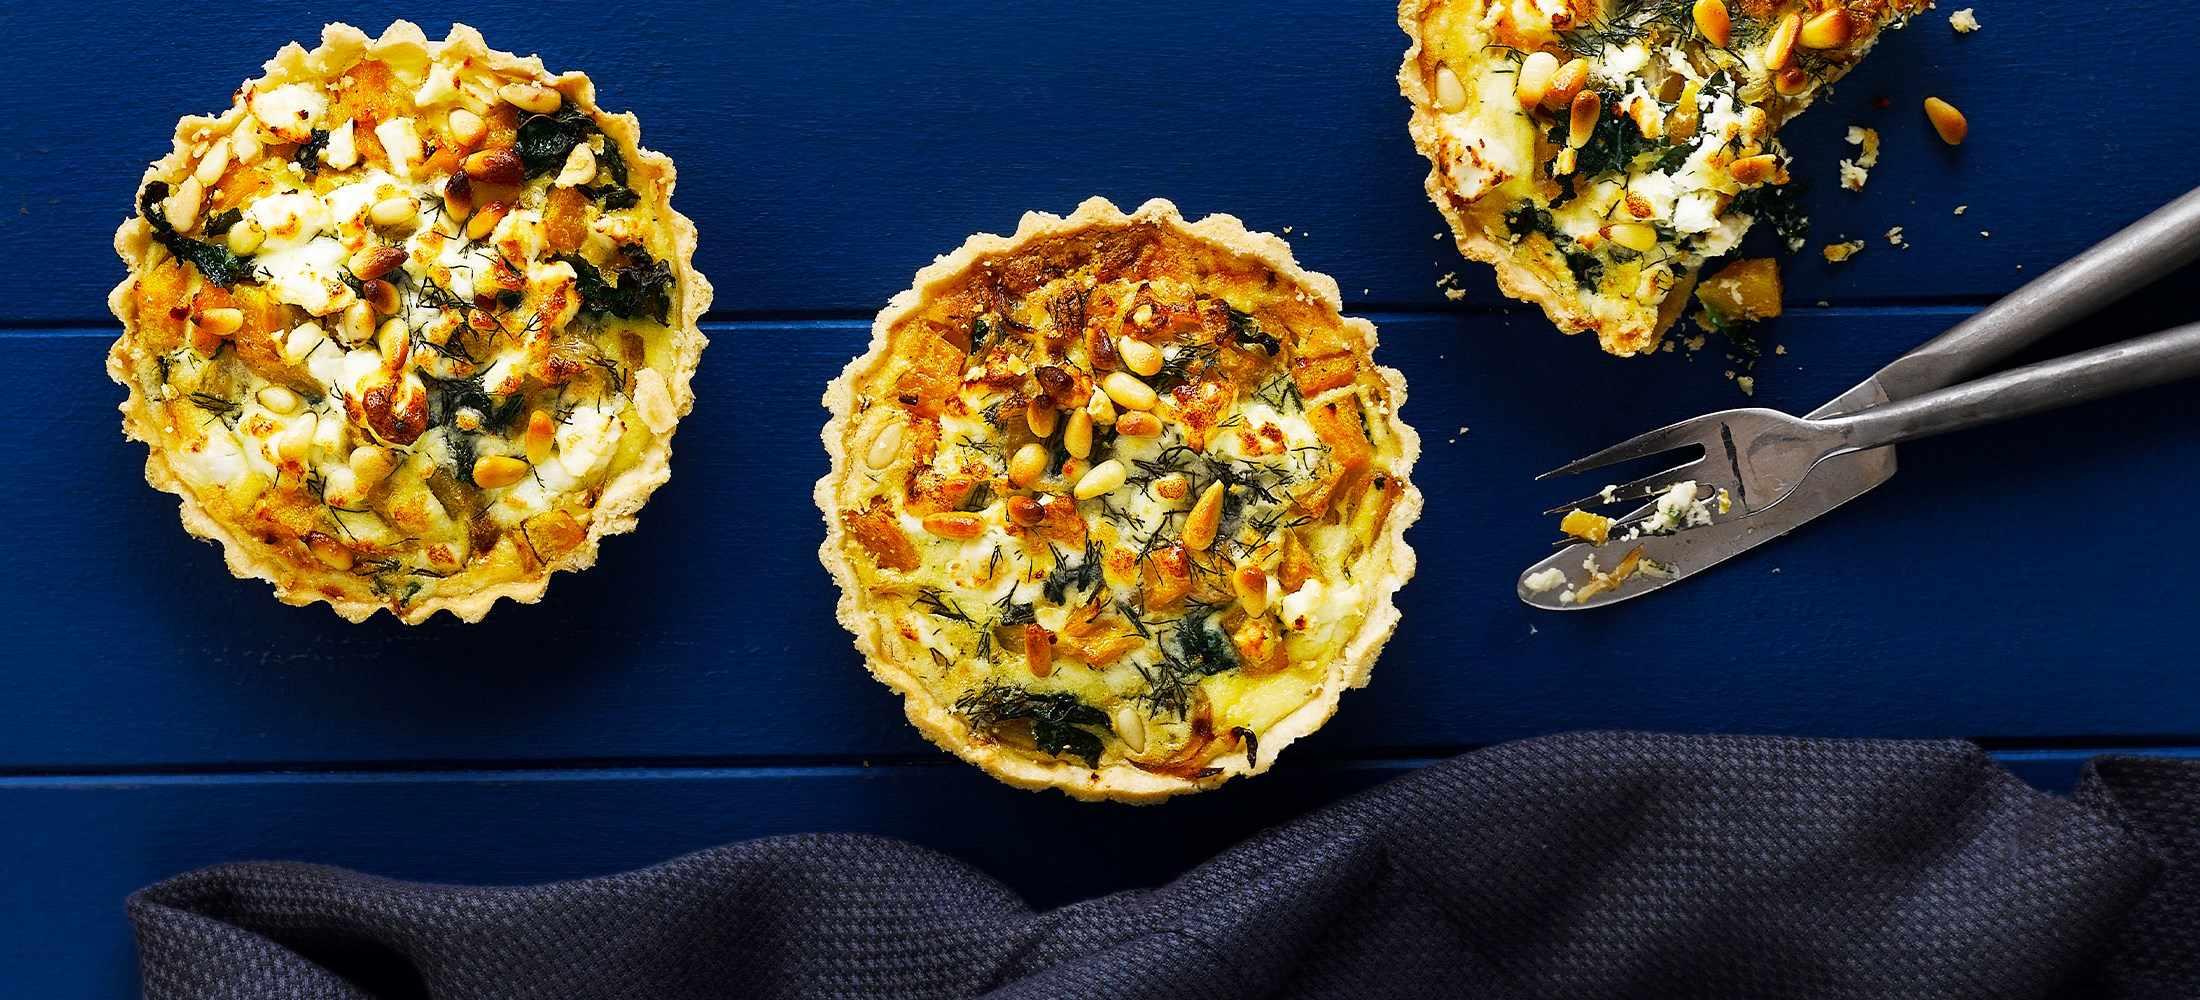 Squash, Kale and Caramelised Onion Tart Recipe With Feta